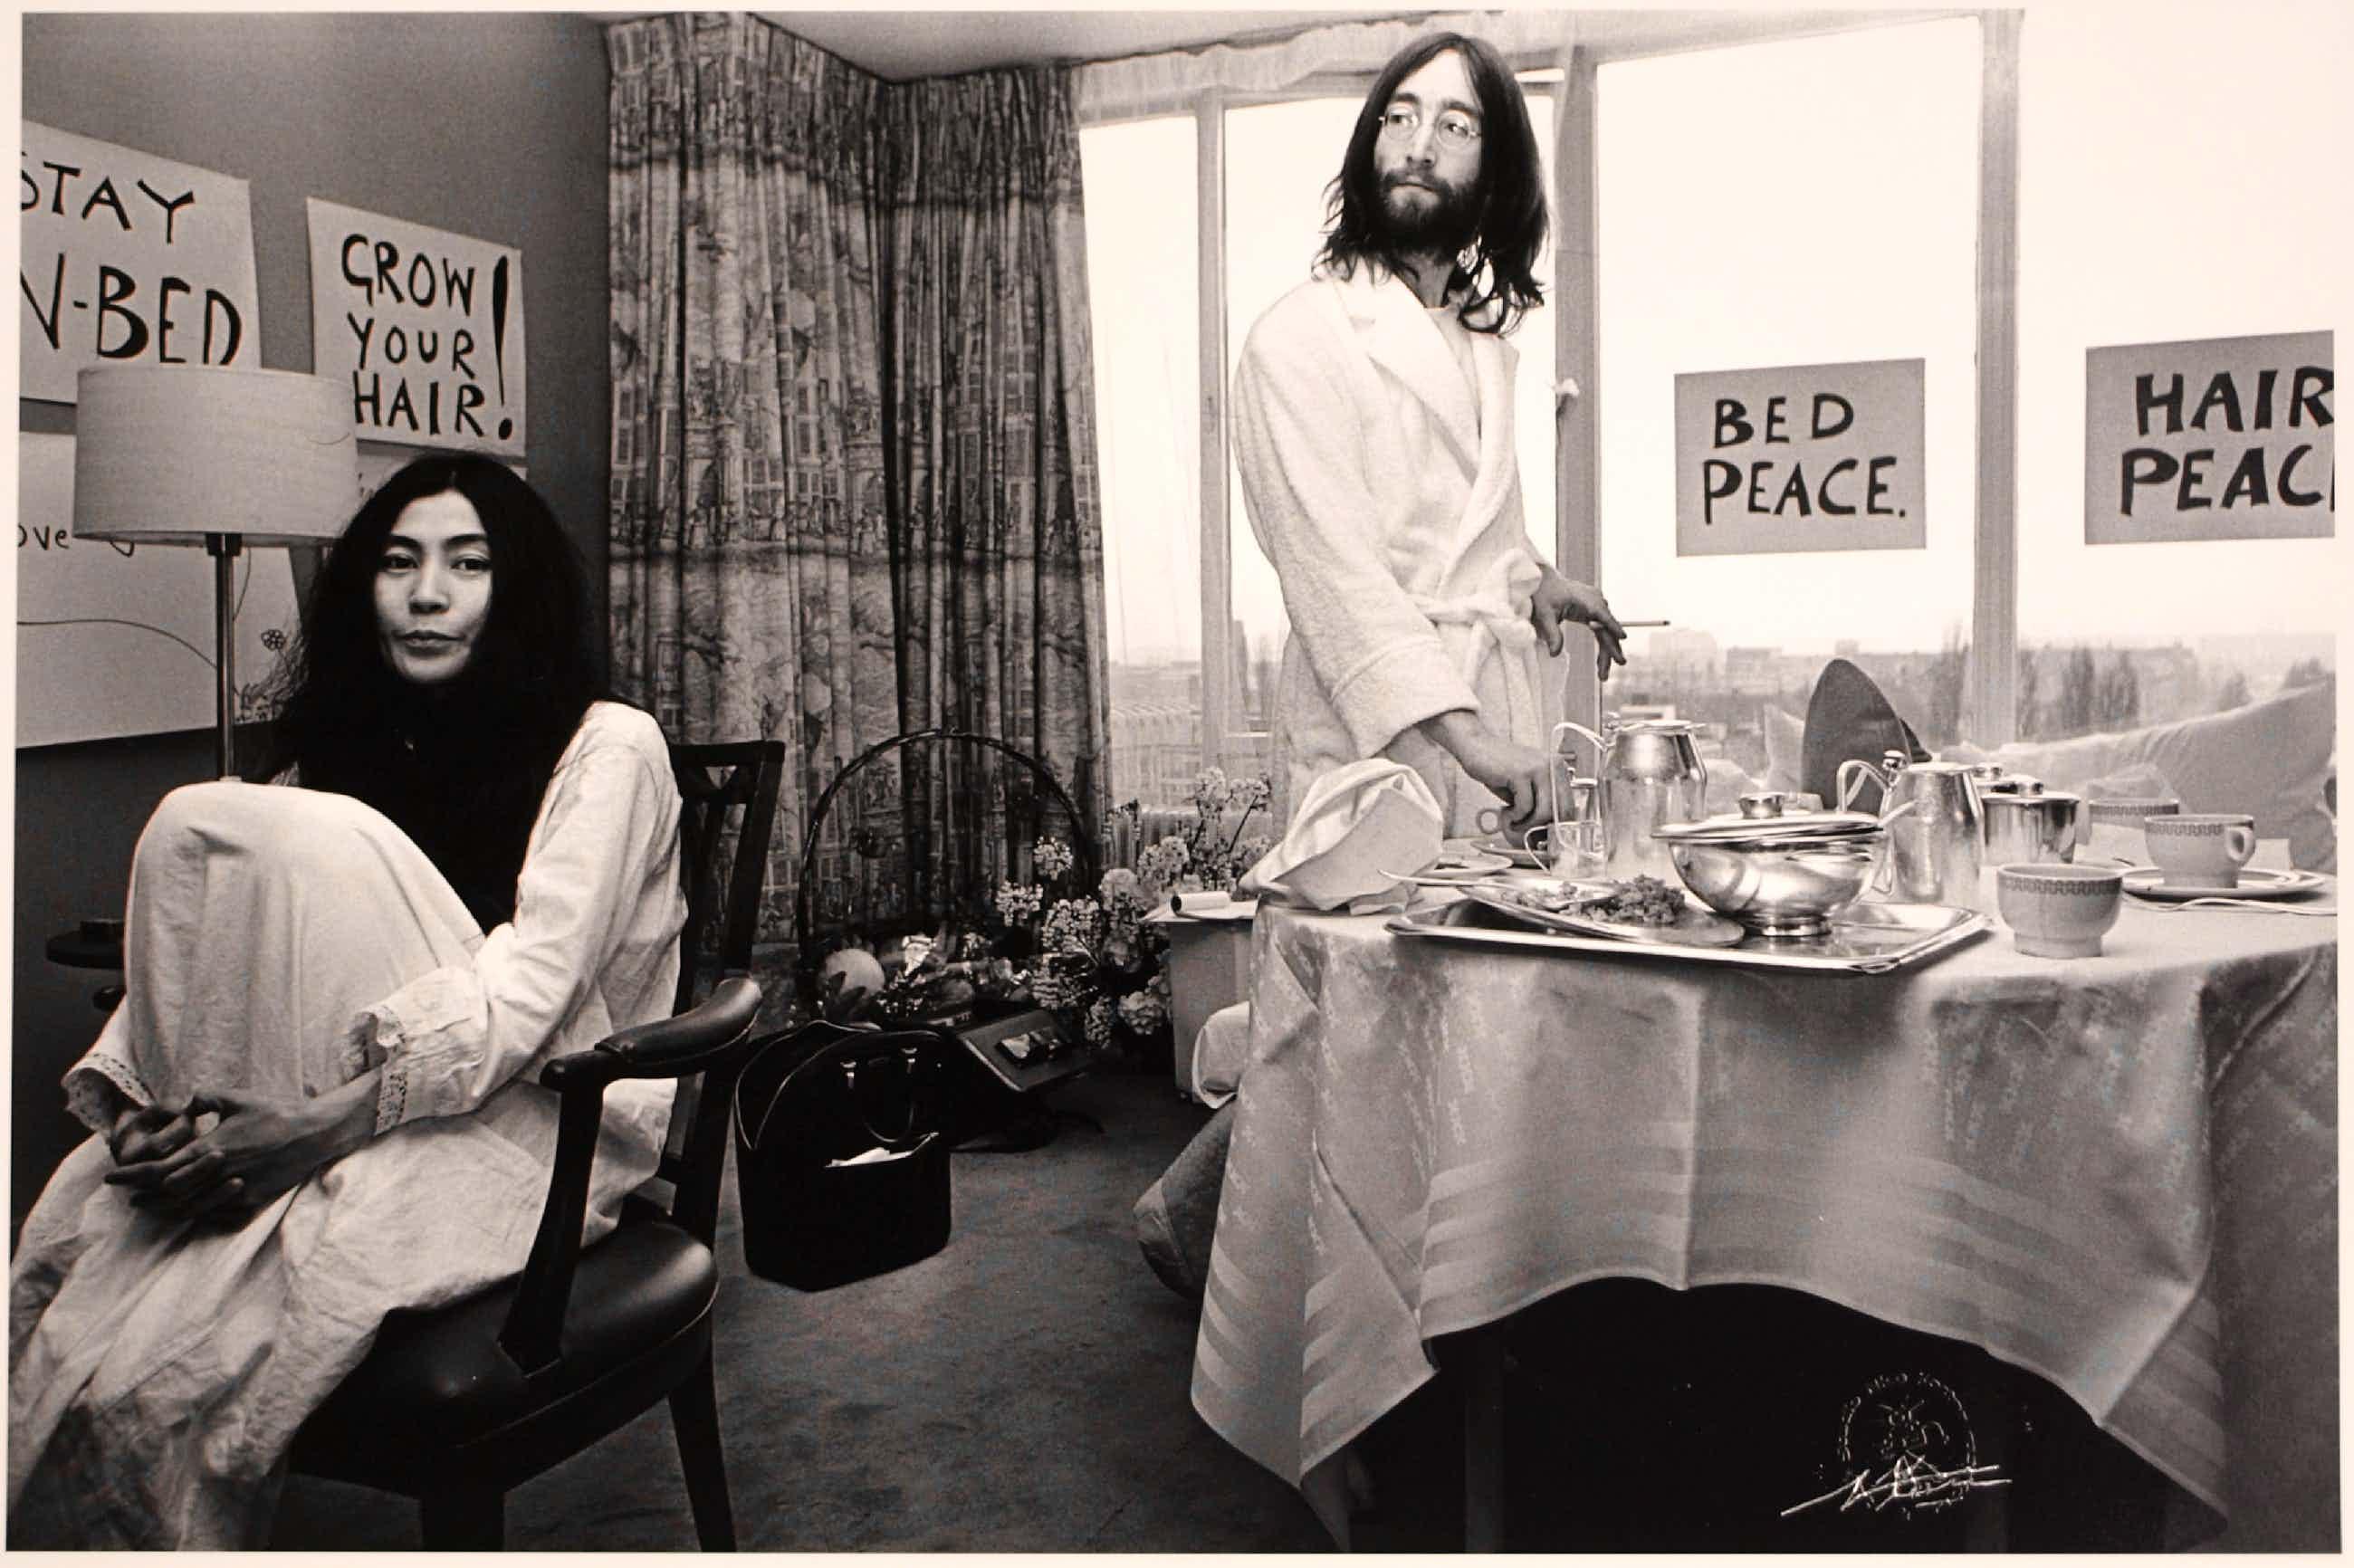 Nico Koster - Foto, John Lennon & Yoko Ono - Hilton Hotel tijdens de 'Bed-in for Peace' in '69 kopen? Bied vanaf 270!